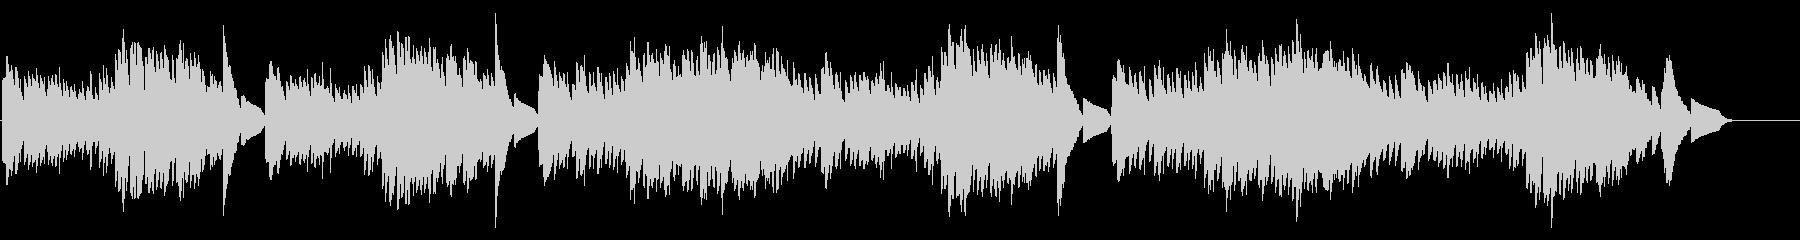 キラキラ星変奏曲(Var X)オルゴールの未再生の波形